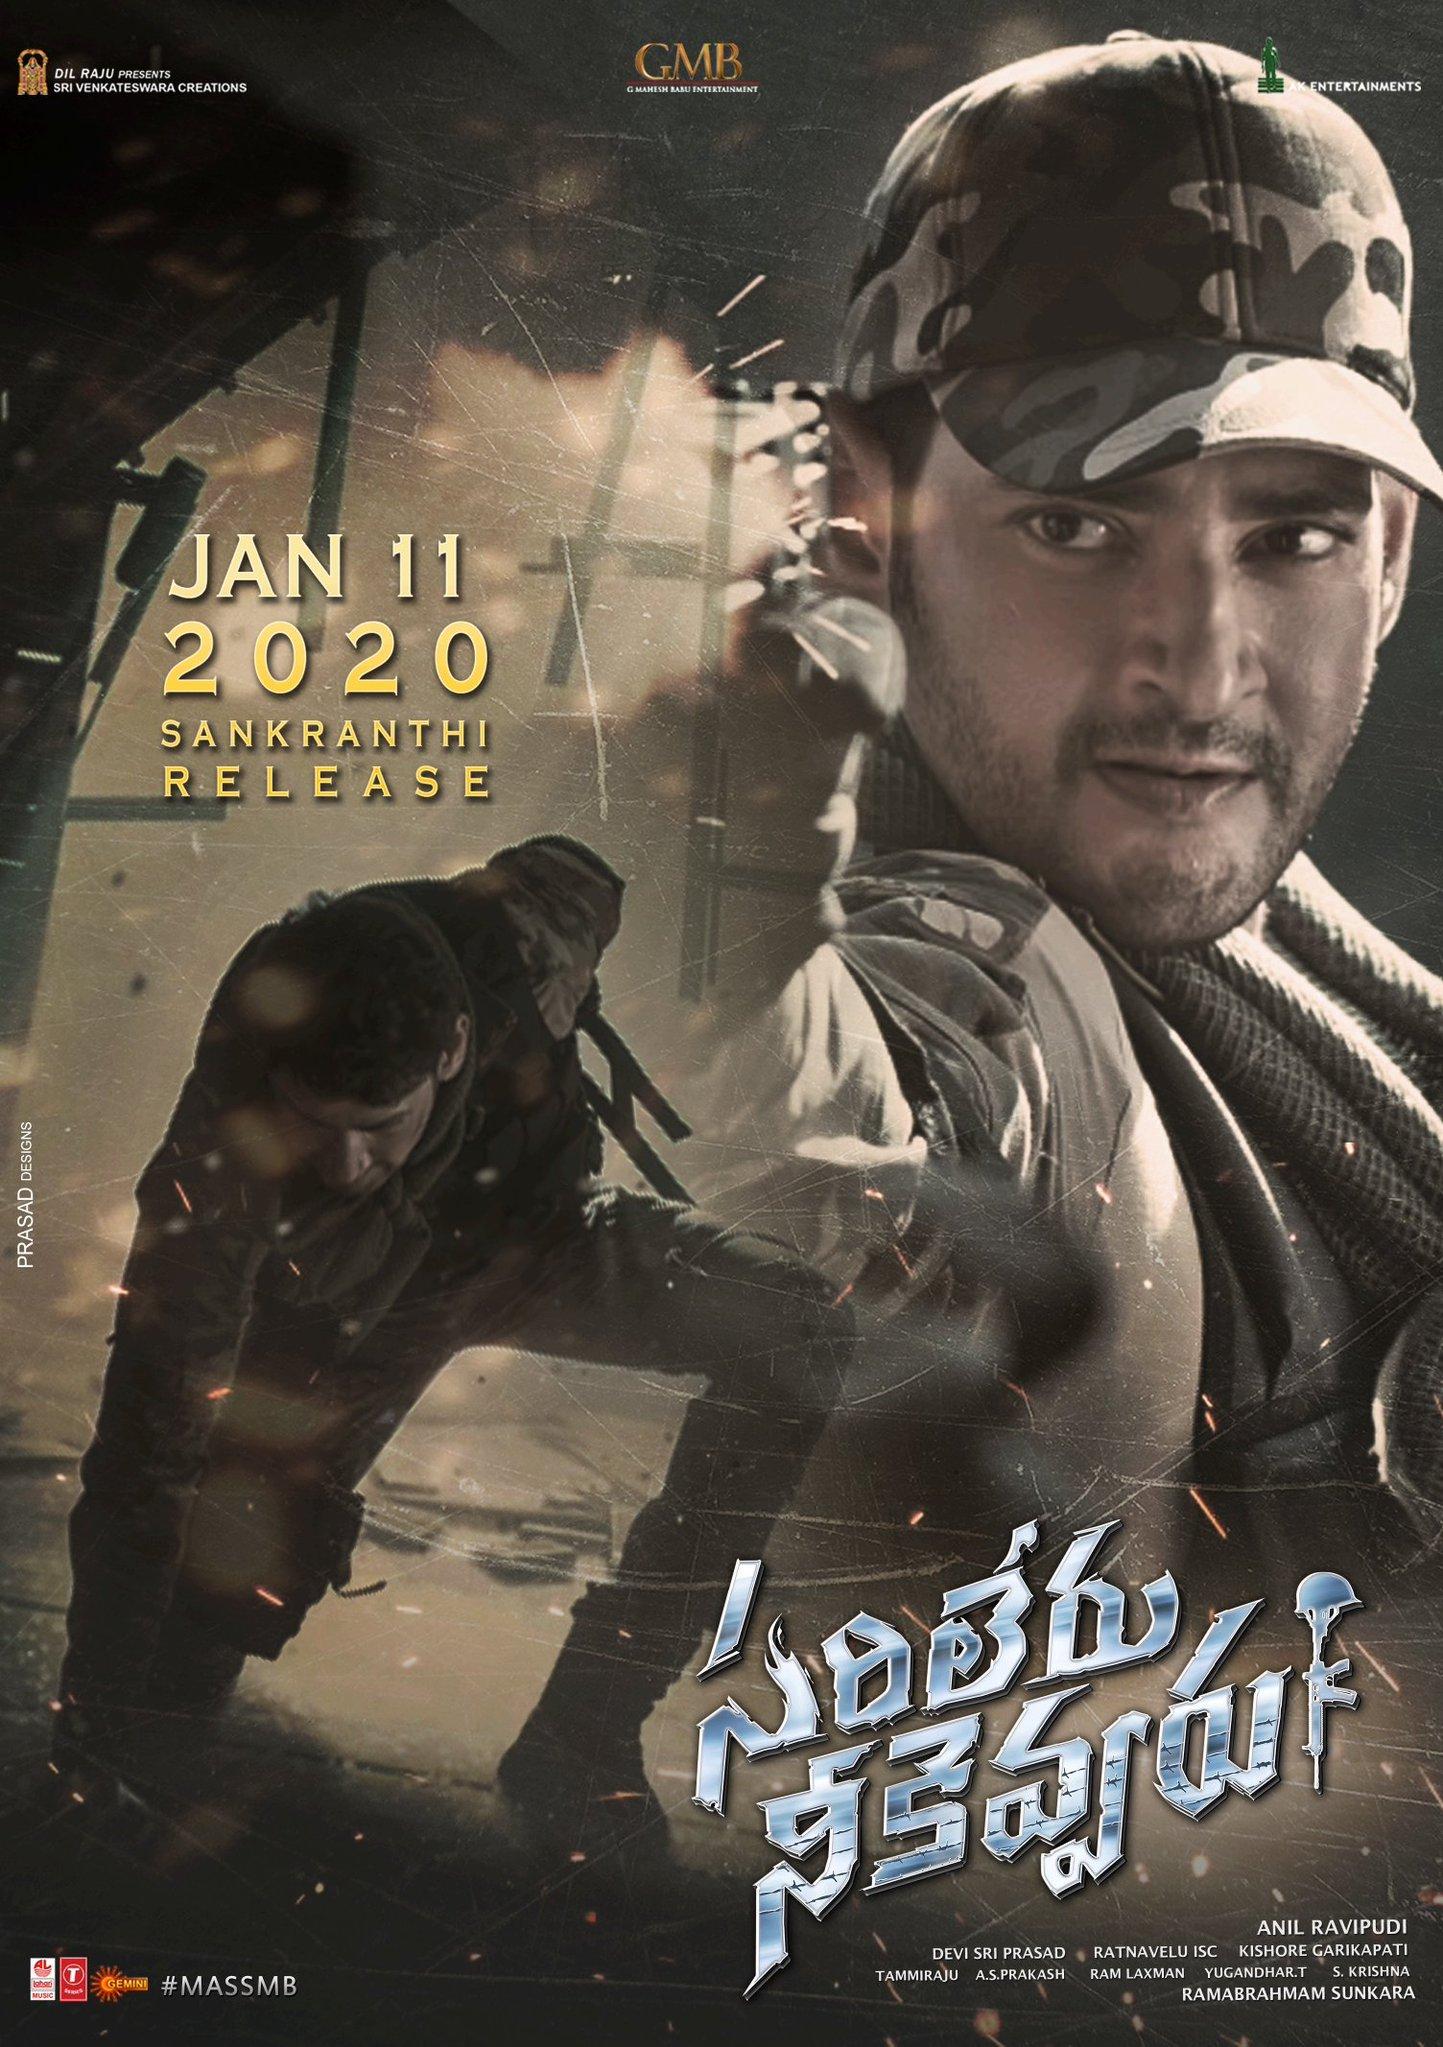 Sarileru Neekevvaru Release Date Poster